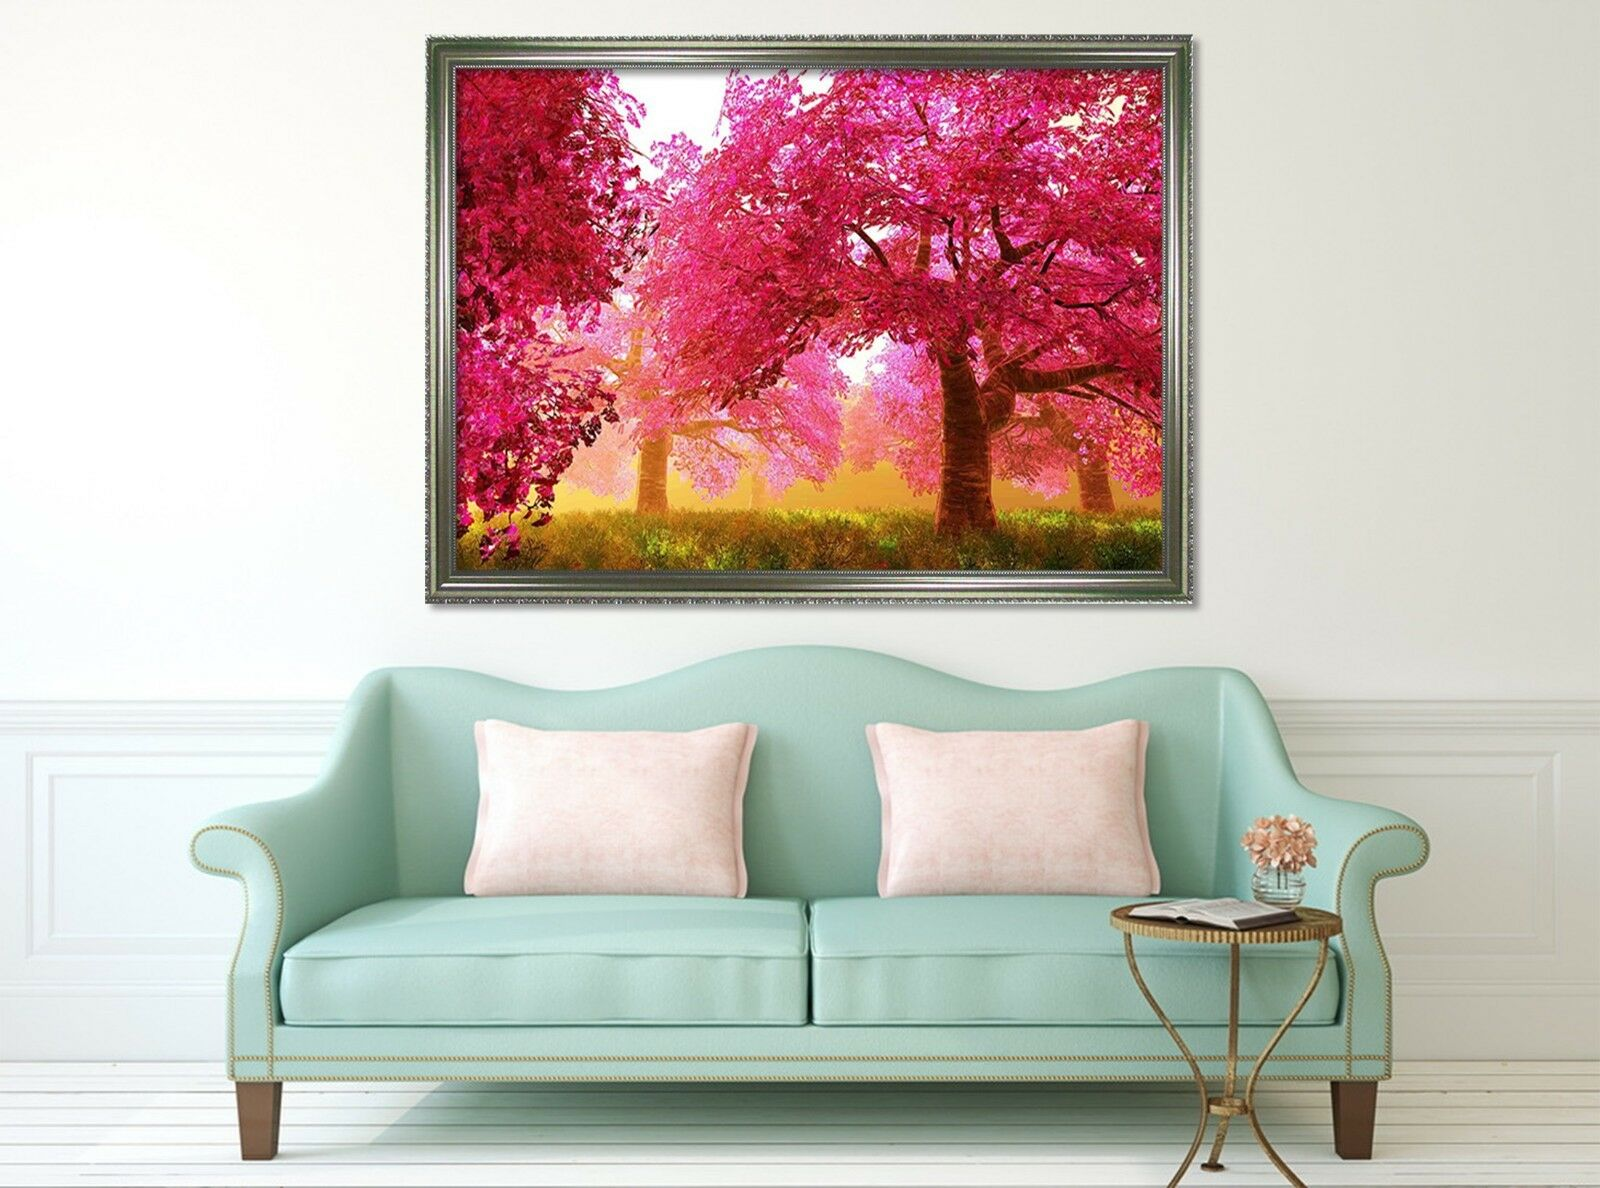 3D rojo Woods Meadow 2 Póster Enmarcado Decoración del Hogar Pintura de Impresión Arte AJ Wallpaper